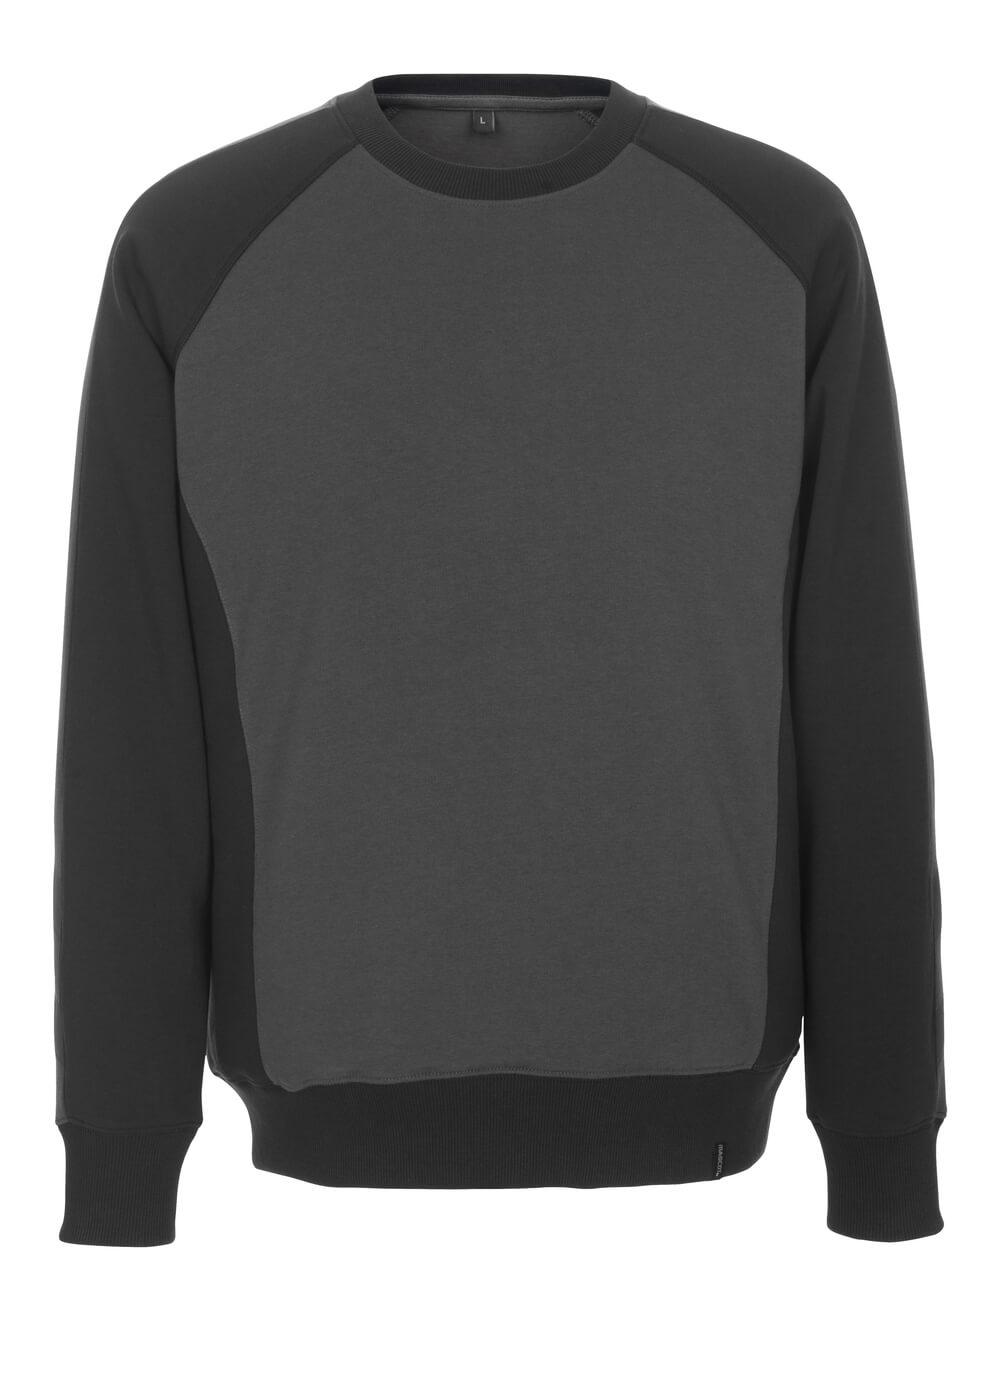 50503-830-1809 Sweatshirt - mørk antracit/sort